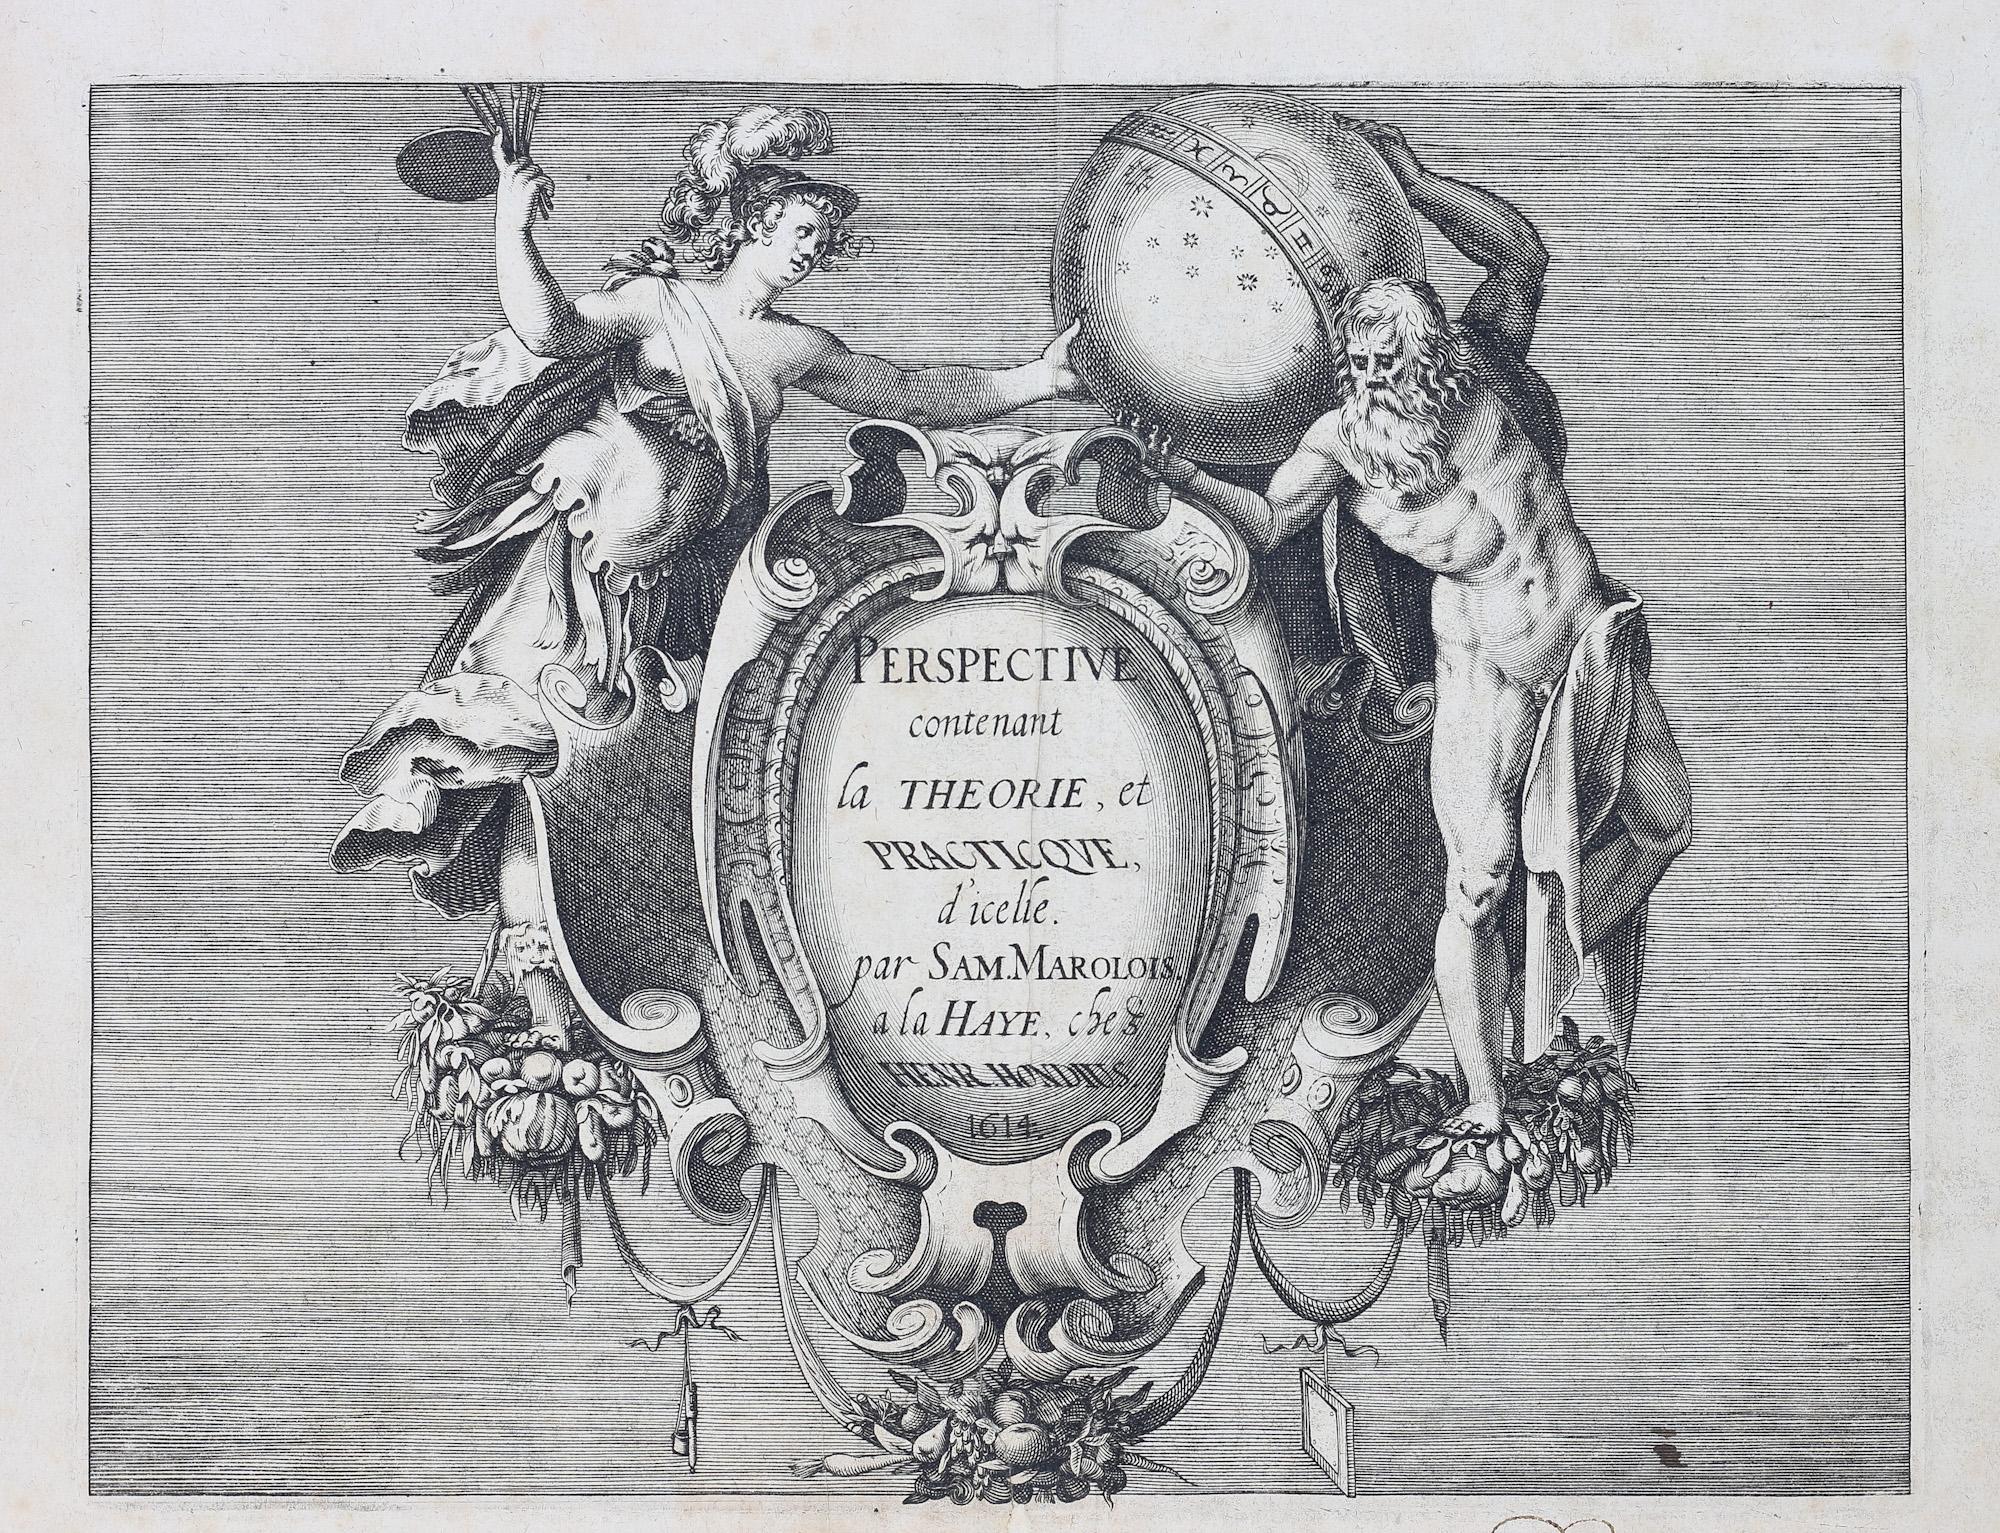 Perspective contenant la théorie et pratique d'icelle, Samuel Marolois